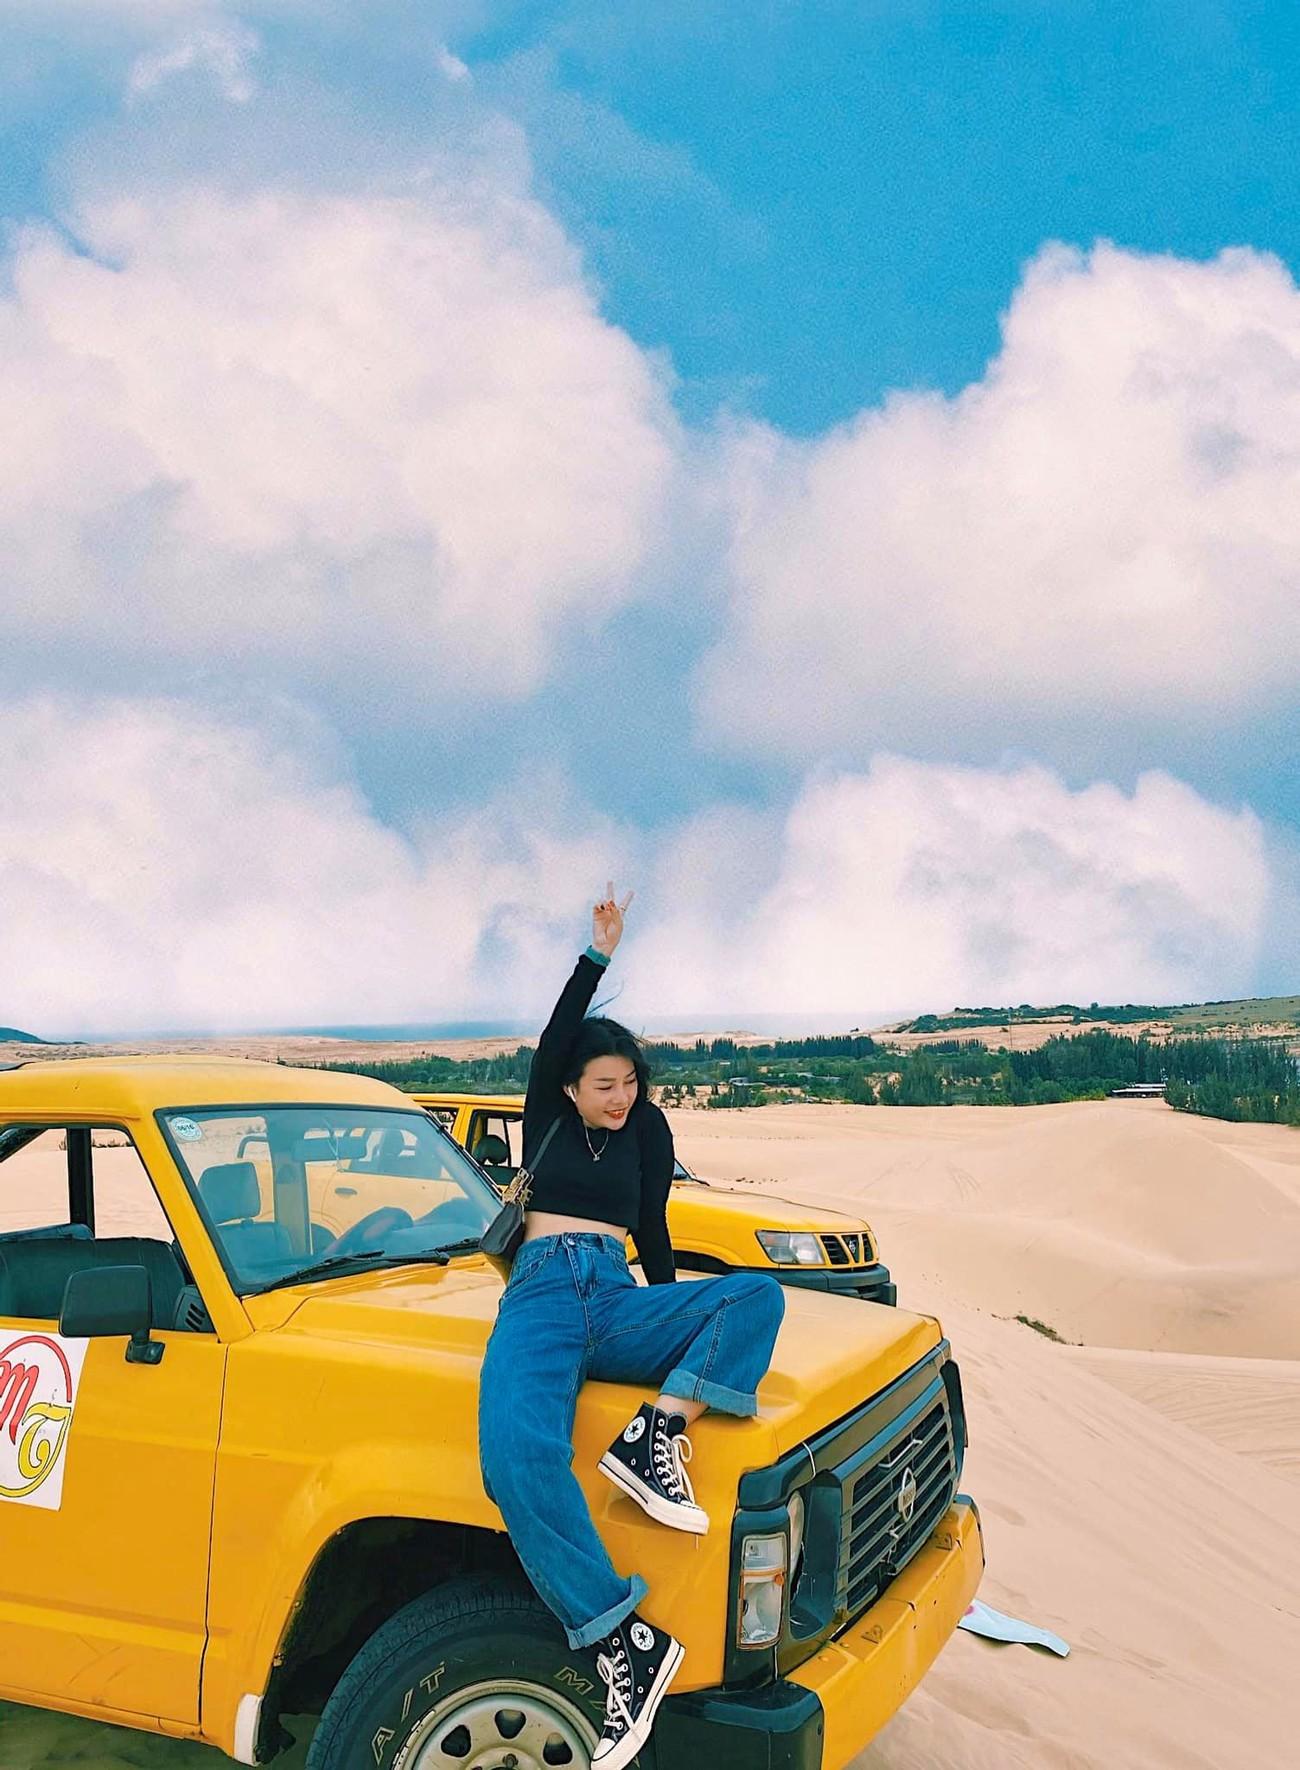 Đi đâu đón 2021: Cung đường biển phủ đầy cát trắng đẹp nhất Việt Nam ảnh 5